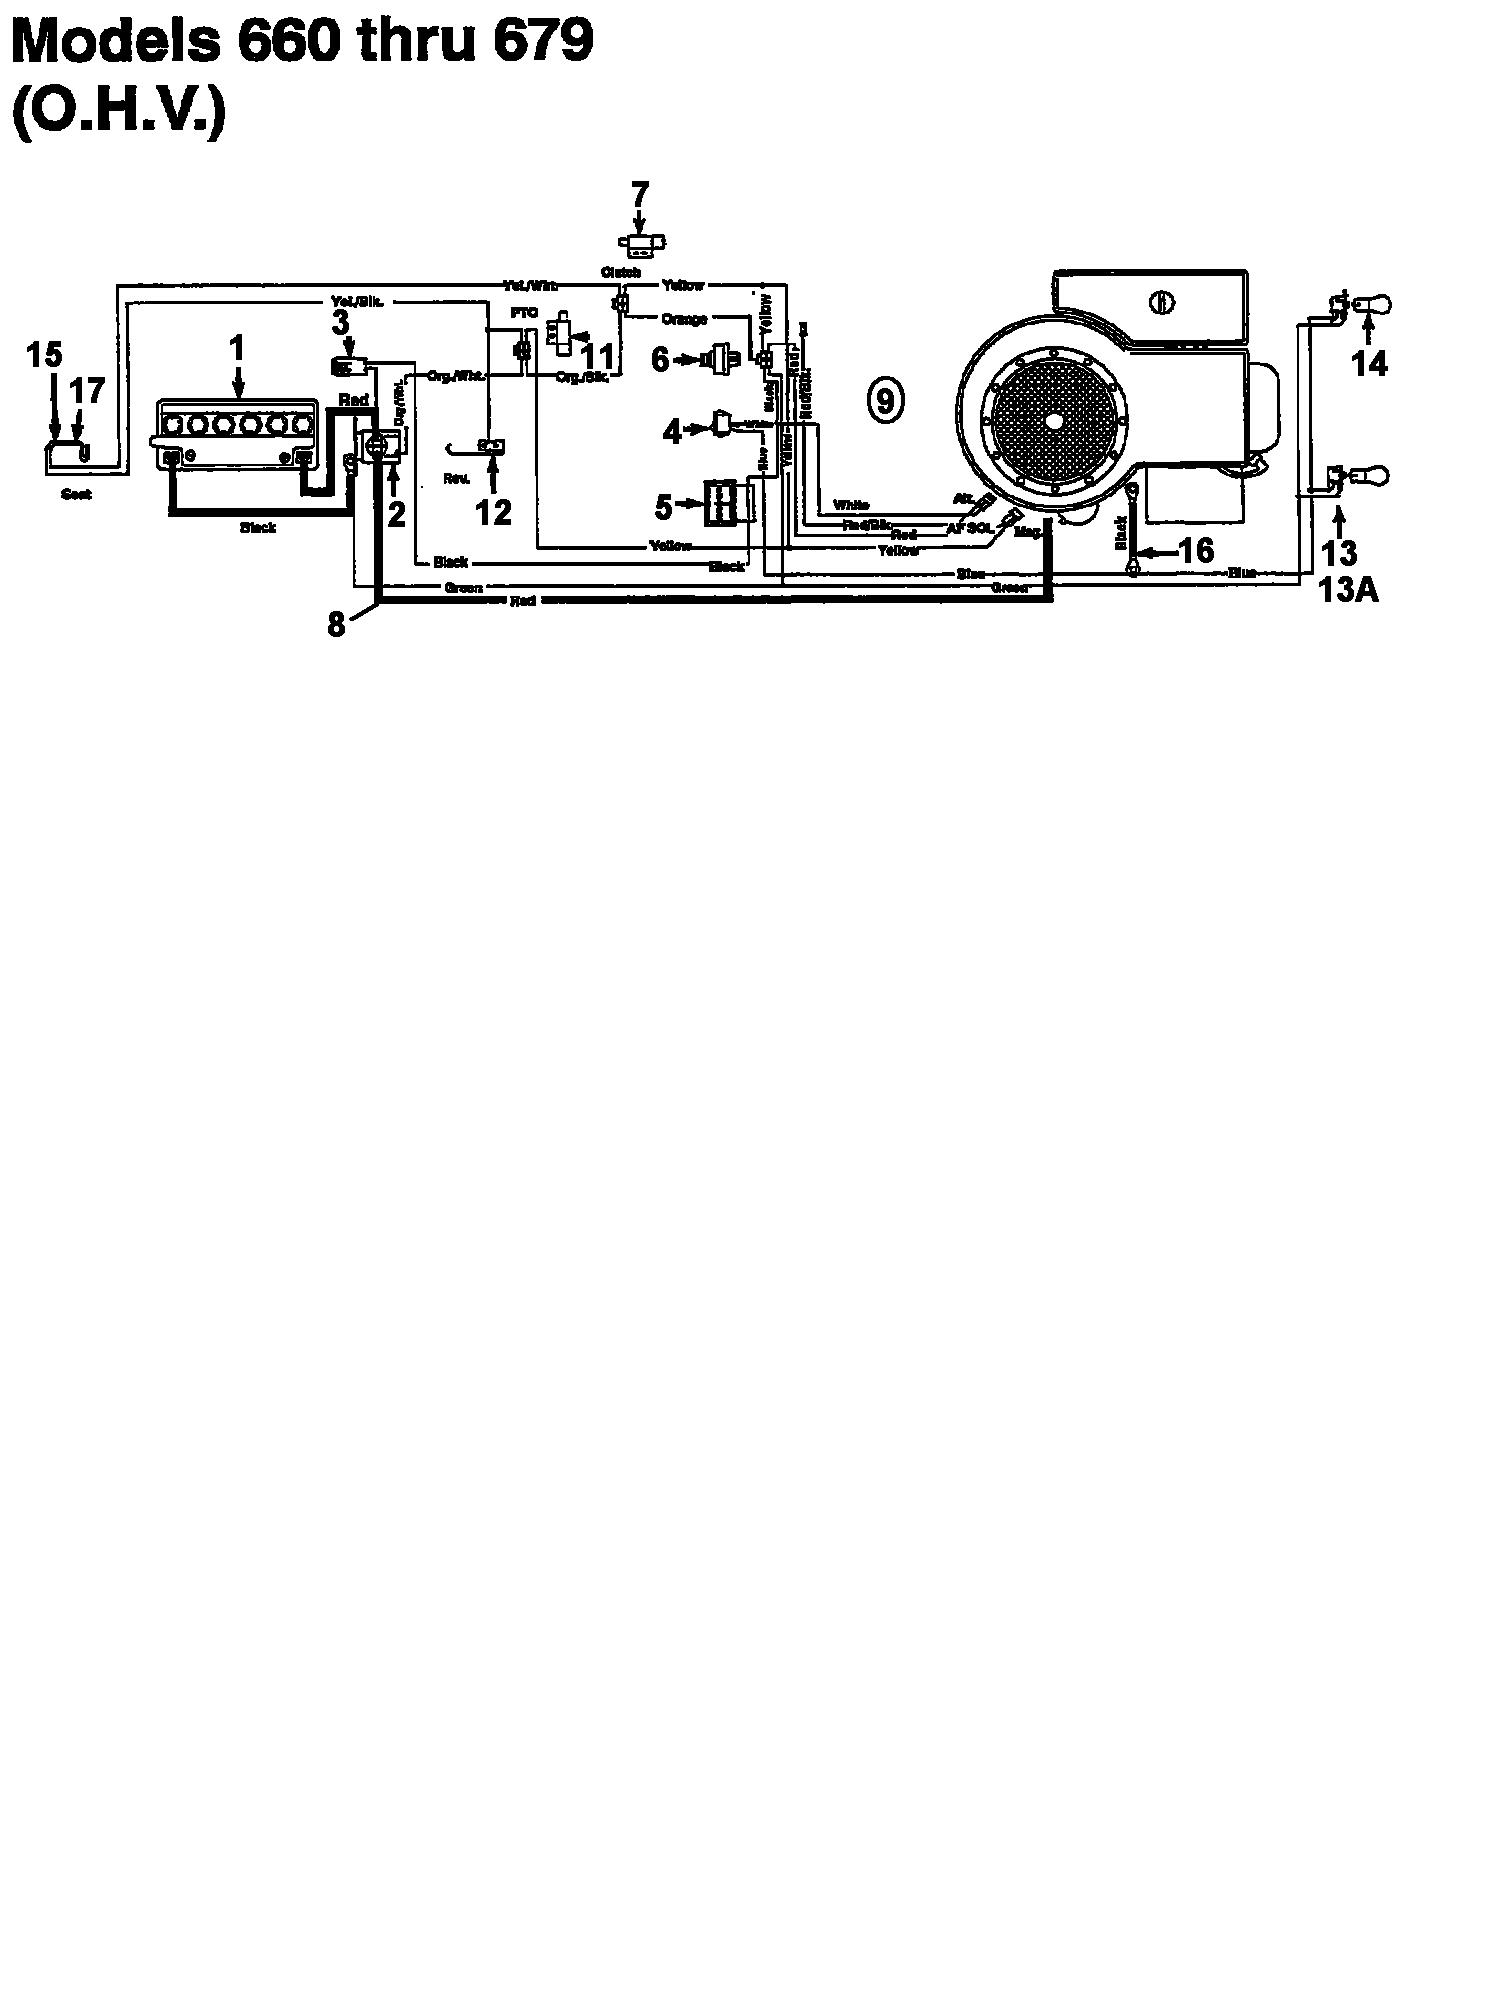 Novotrac NOVOTRAC 11-76 HN Schaltplan für O.H.V. 133-639C (1993)